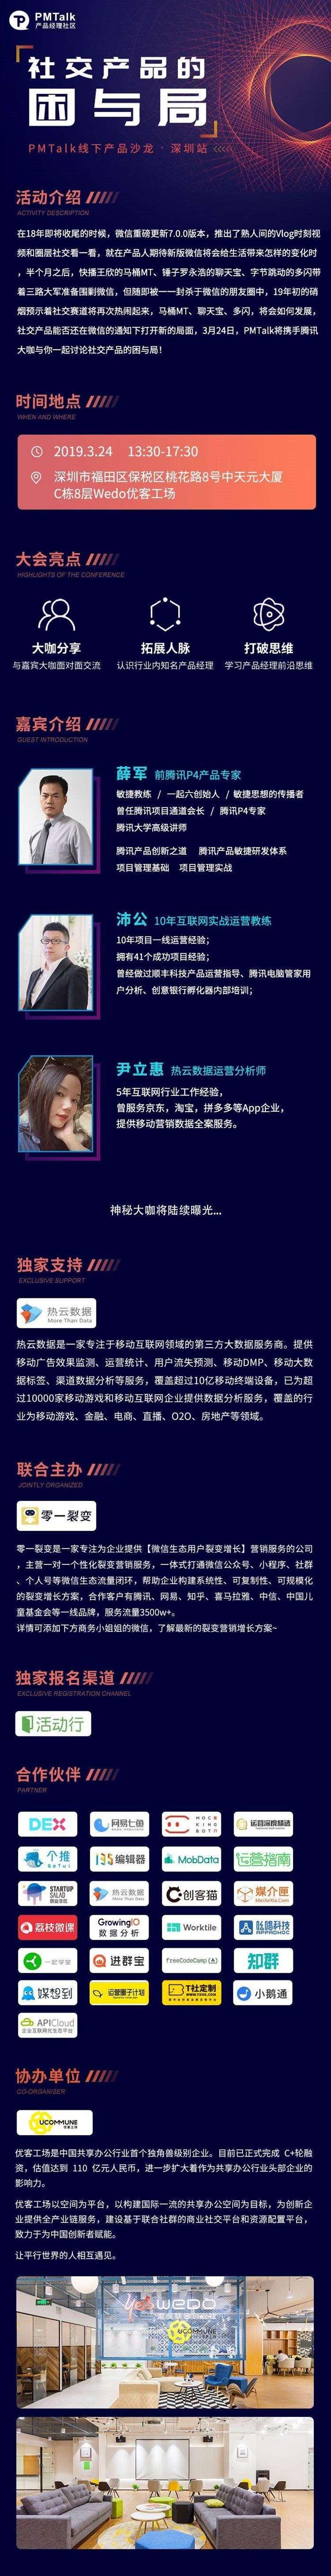 长图-深圳.jpg